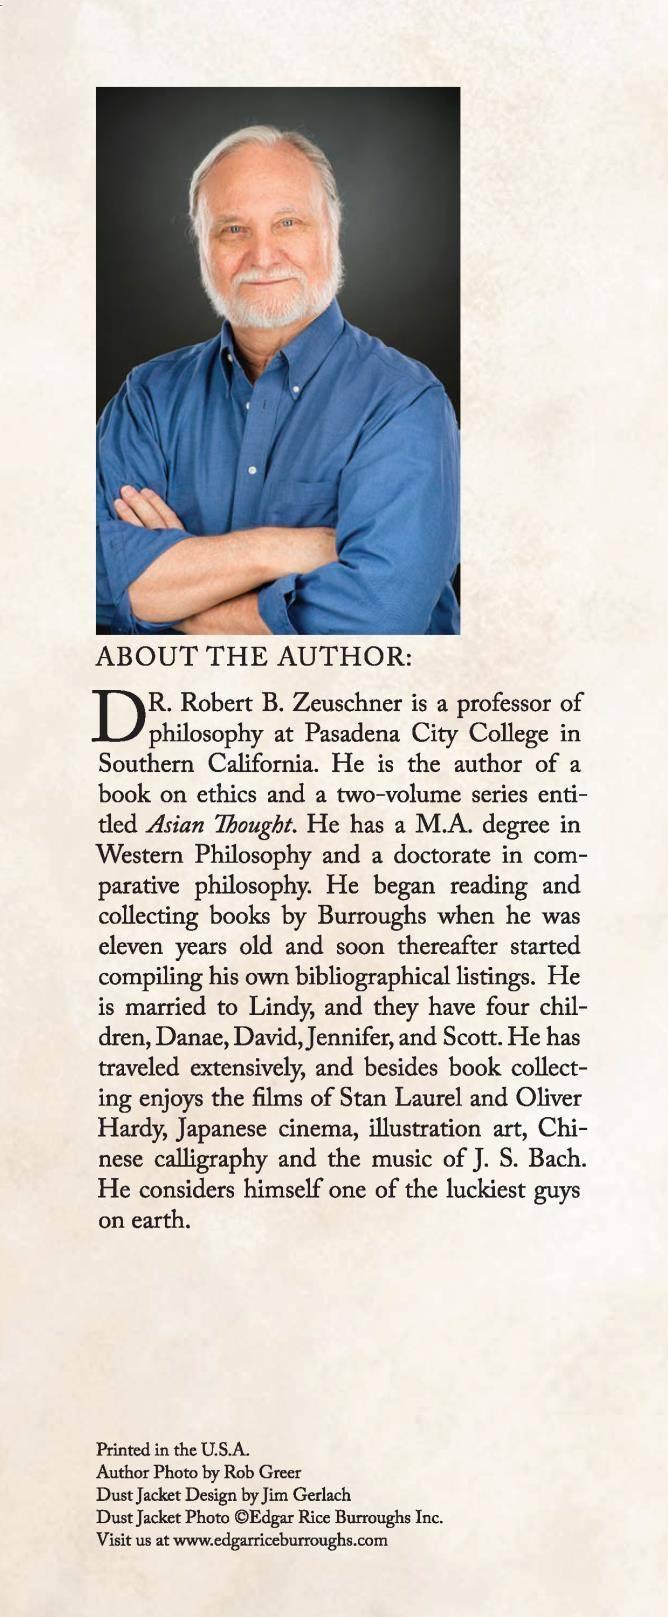 About Bob Zeuschner